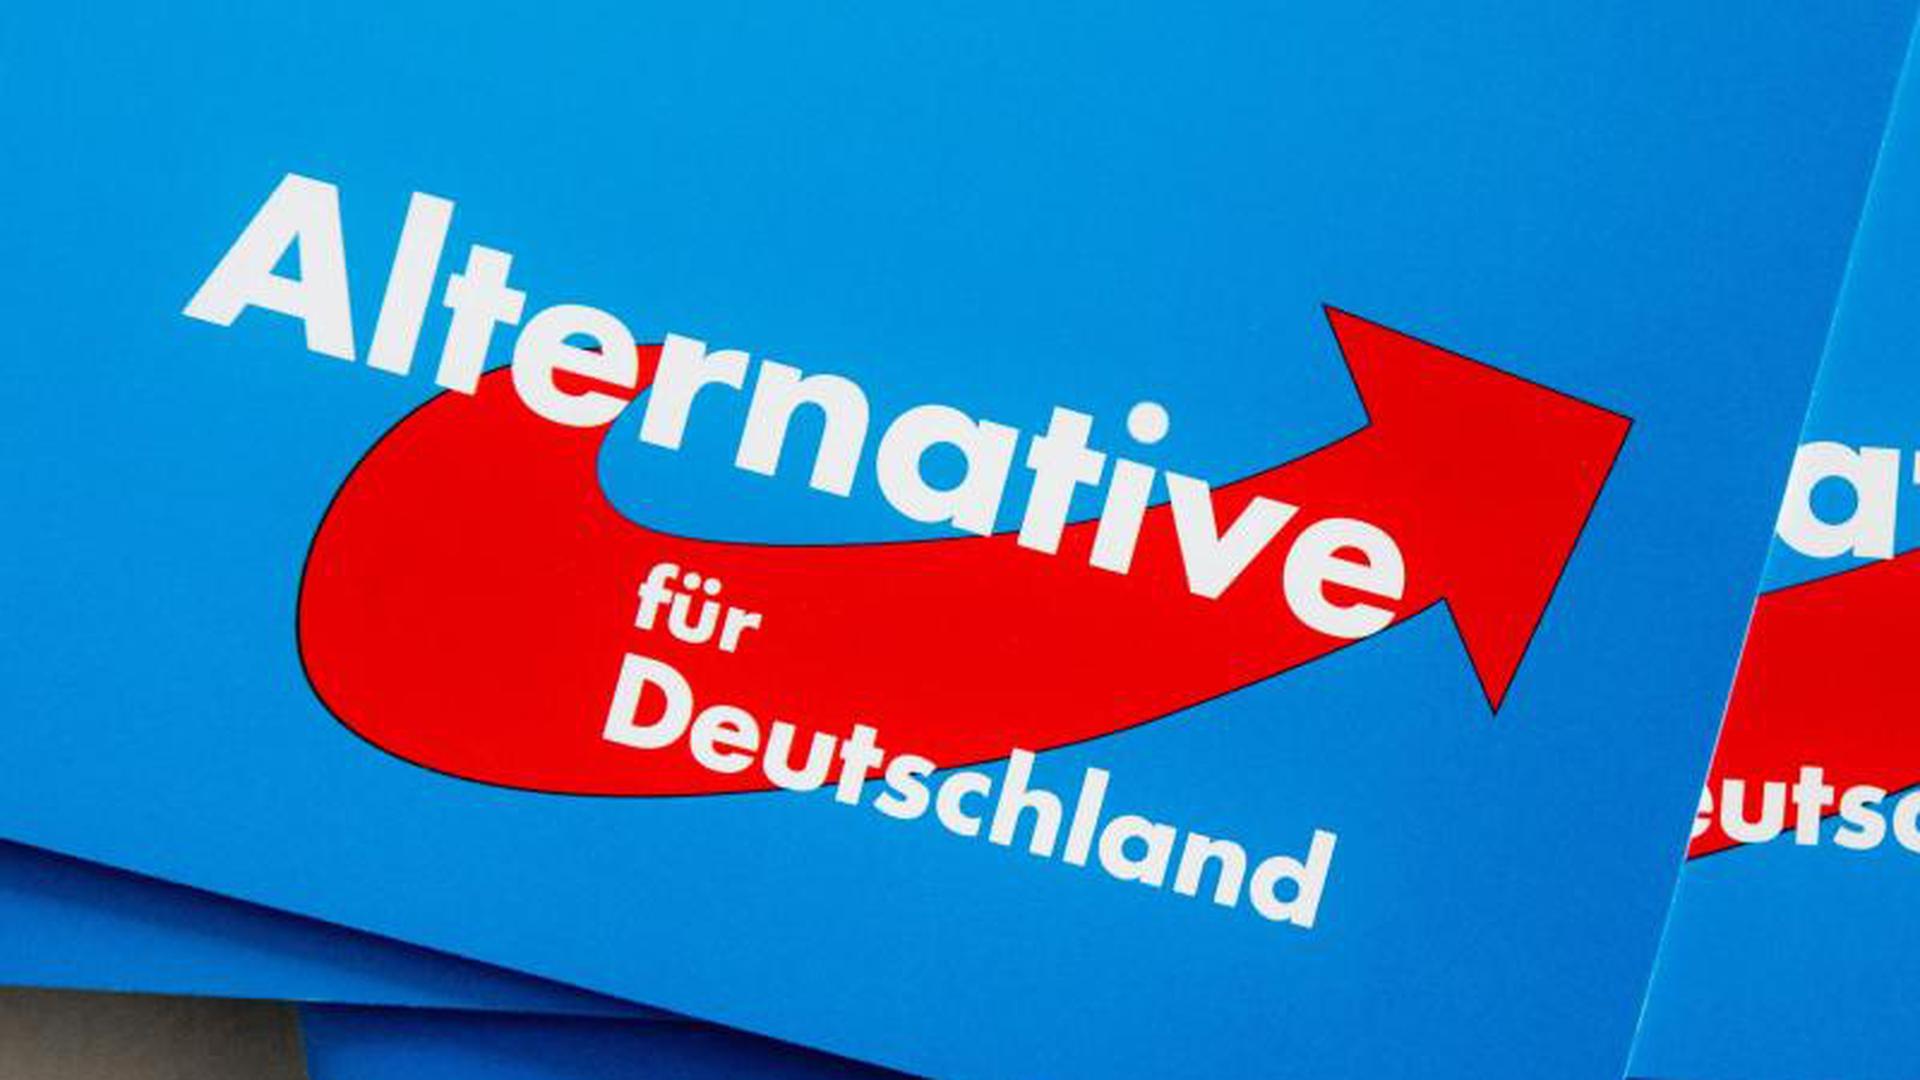 Das Logo der Partei Alternative für Deutschland